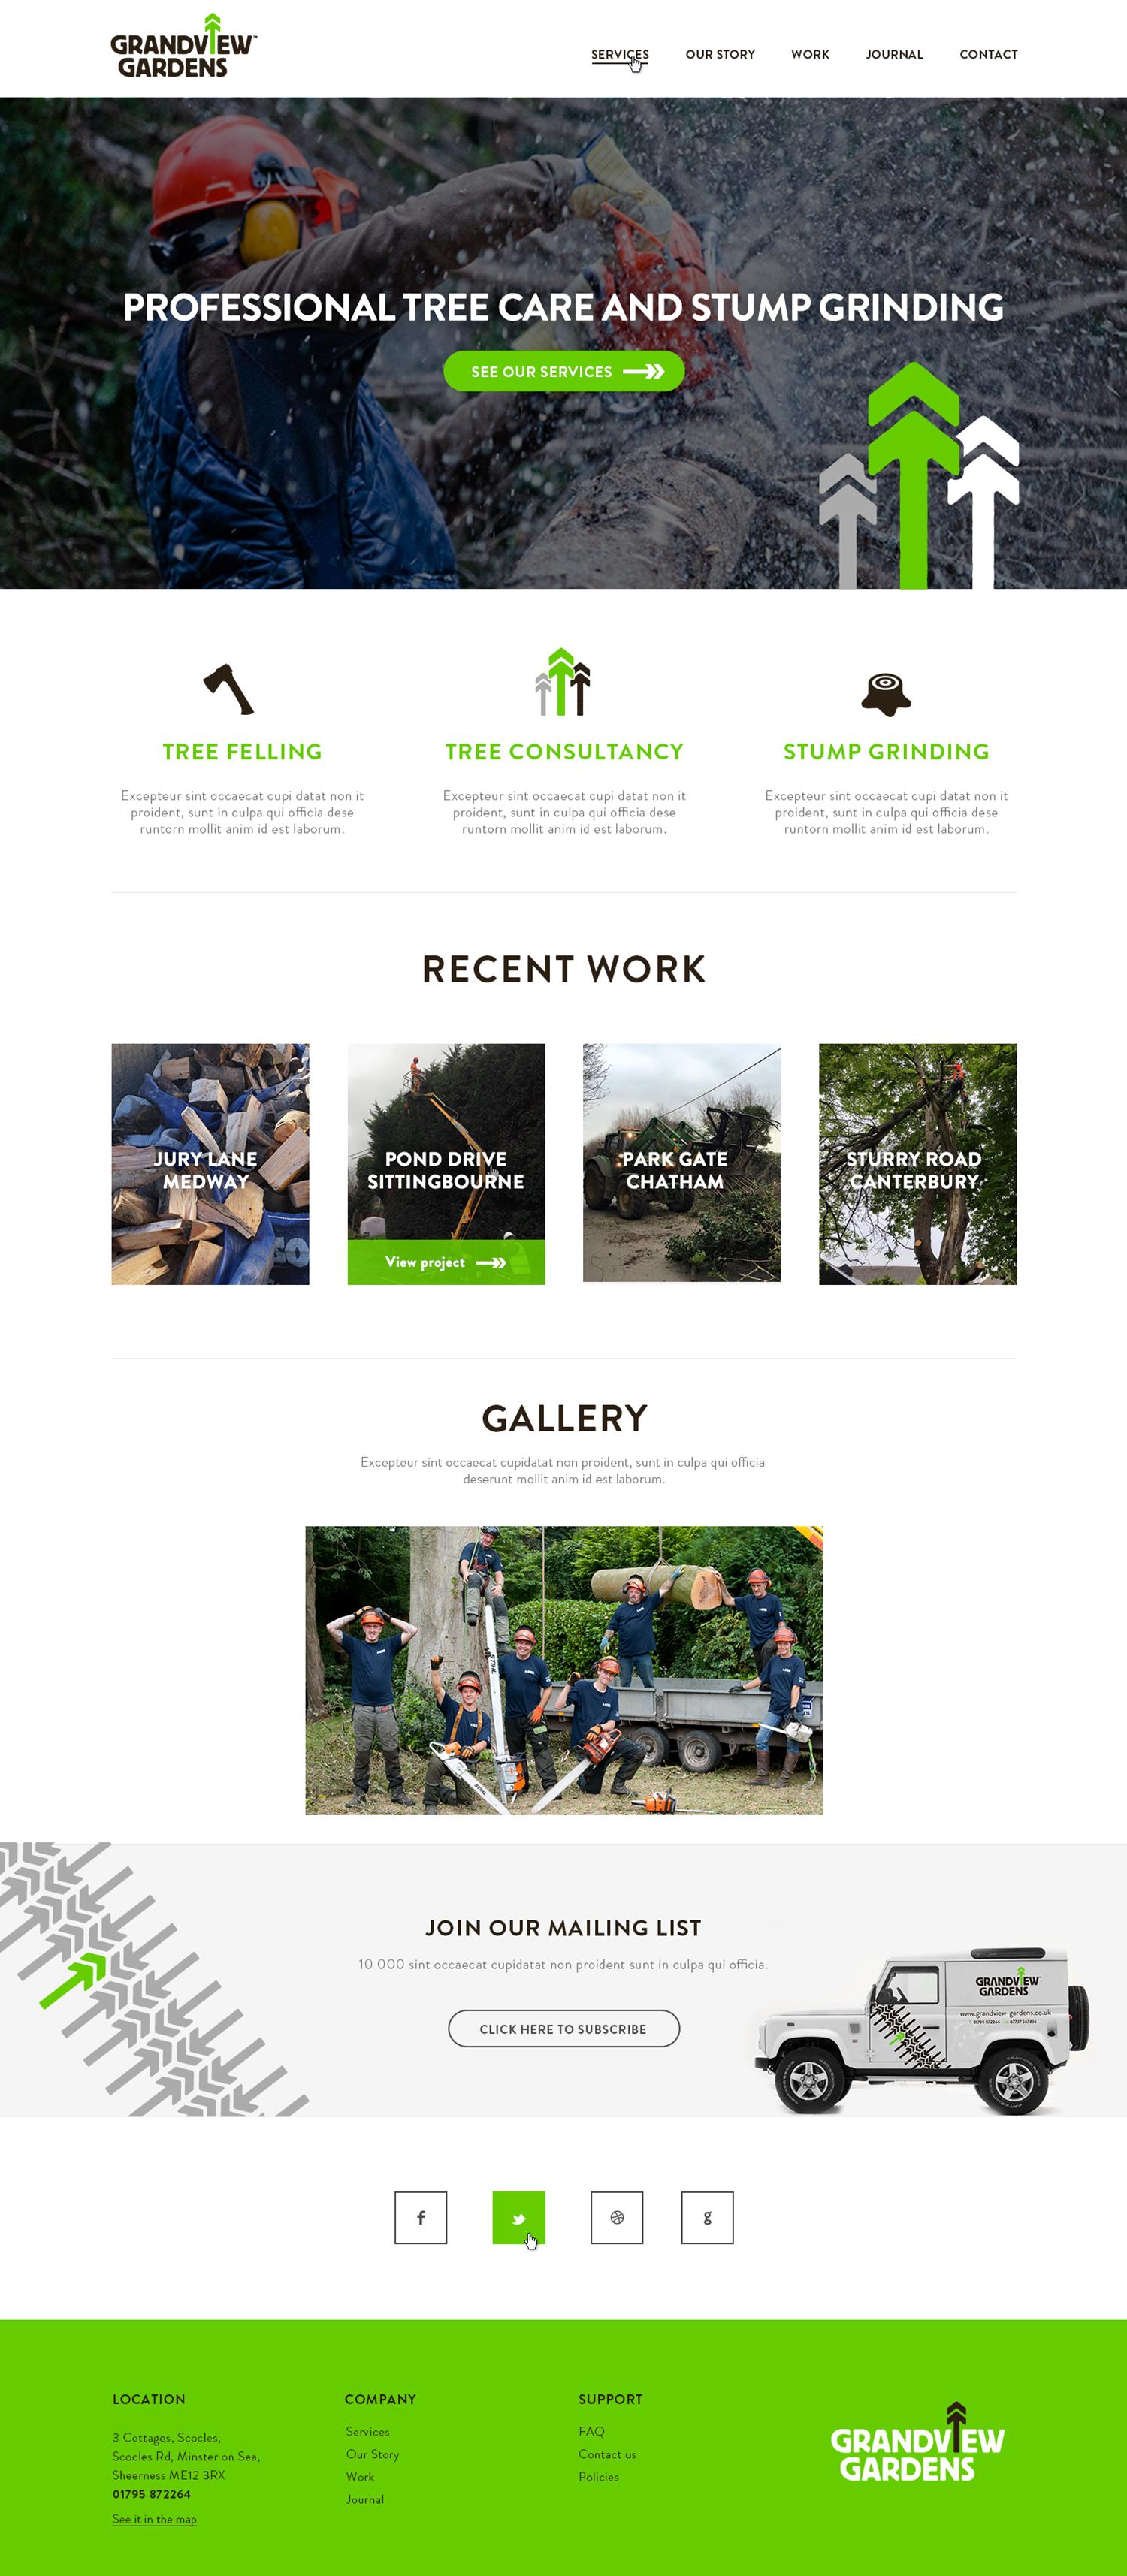 grandview_gardens_website